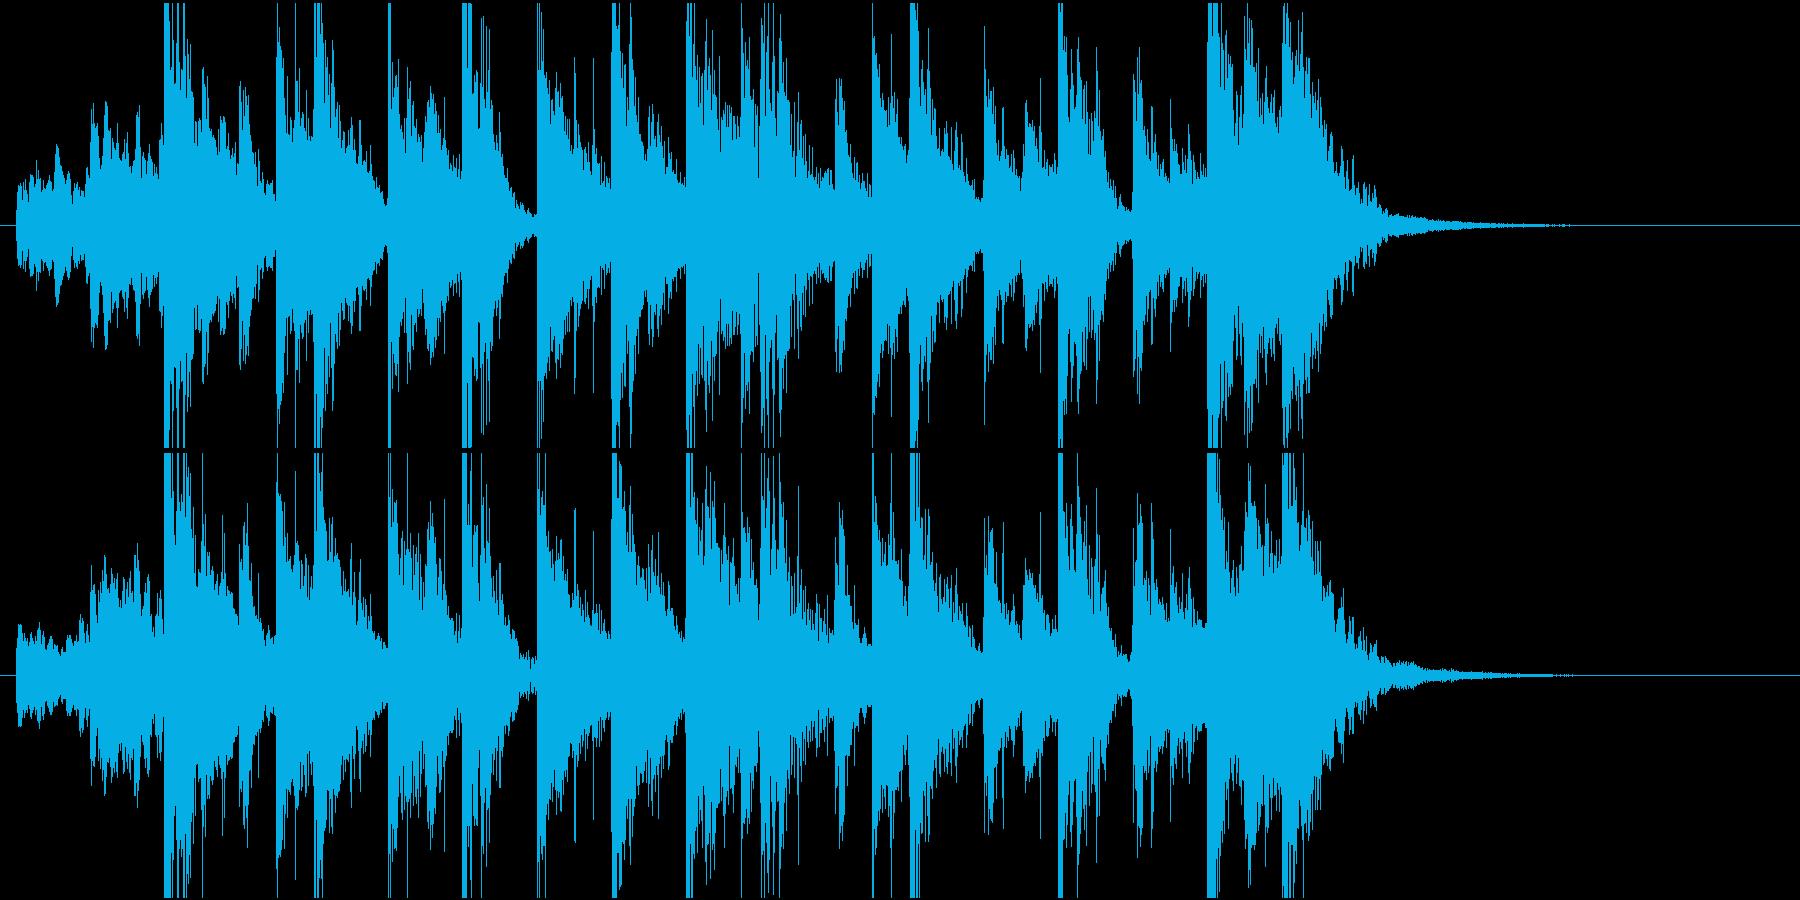 クールキャラ登場ジングルの再生済みの波形